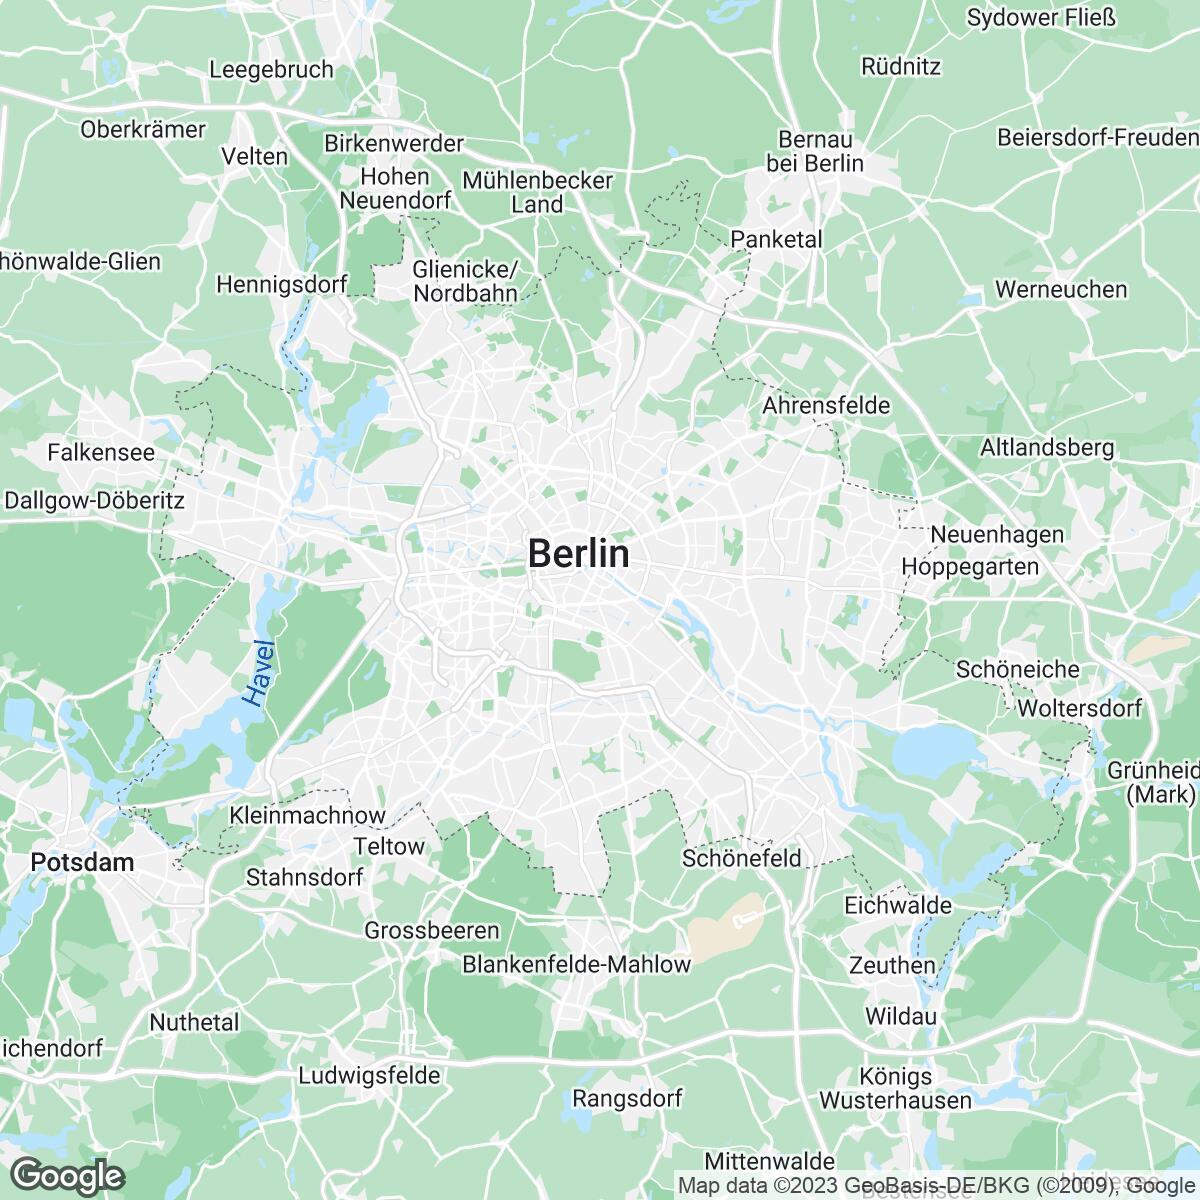 Verkaufsgebiet der Zeitungen Berliner Morgenpost